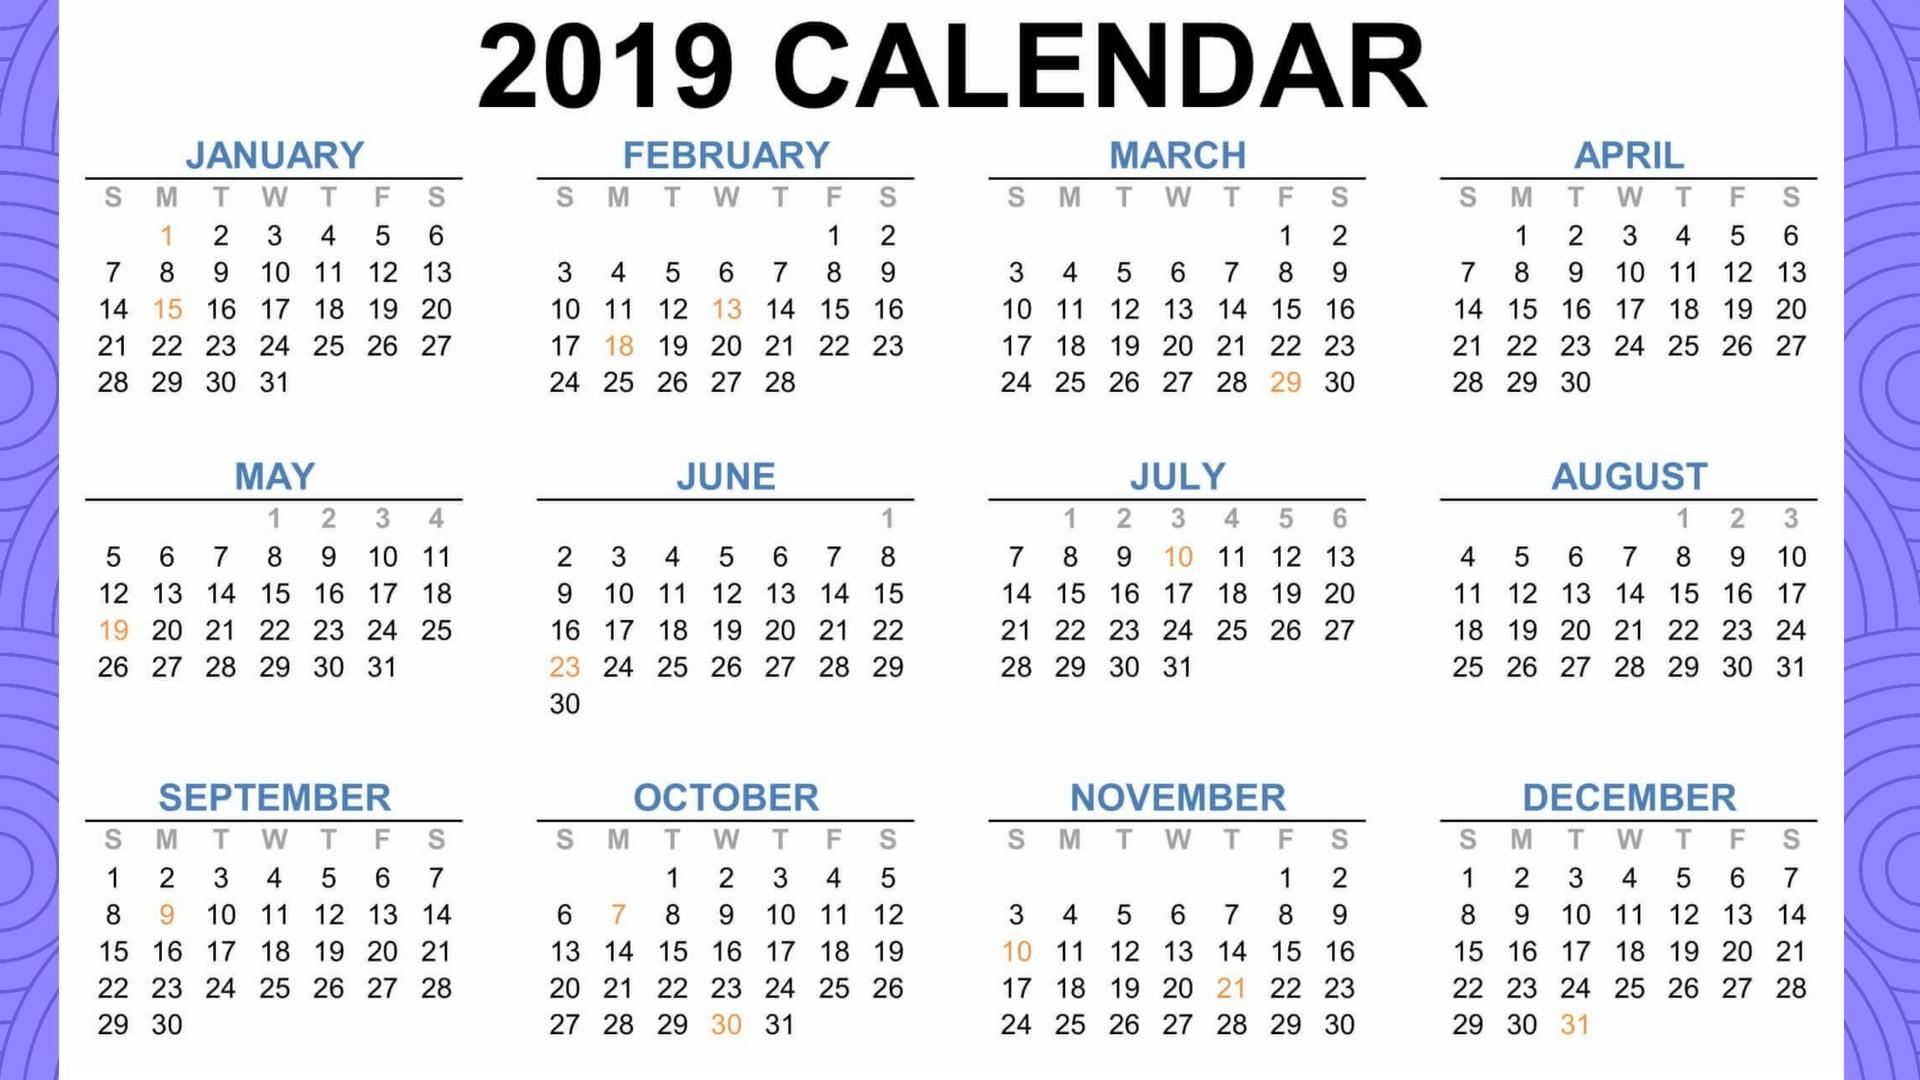 March Holiday Calendar 2019 Más Recientemente Liberado Calendar Holidays Download Of March Holiday Calendar 2019 Más Caliente Printable March 2019 Calendar Template Holidays Yes Calendars